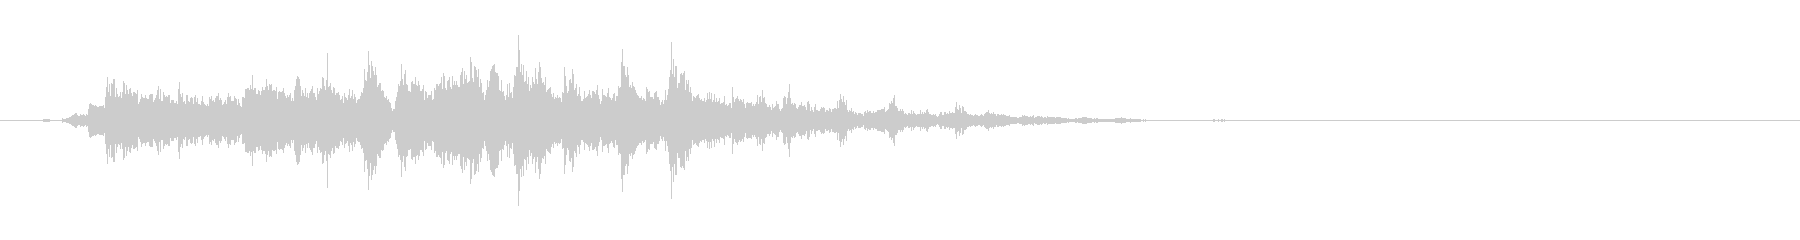 重めの鈴の音「えきろ」の単発音2の未再生の波形